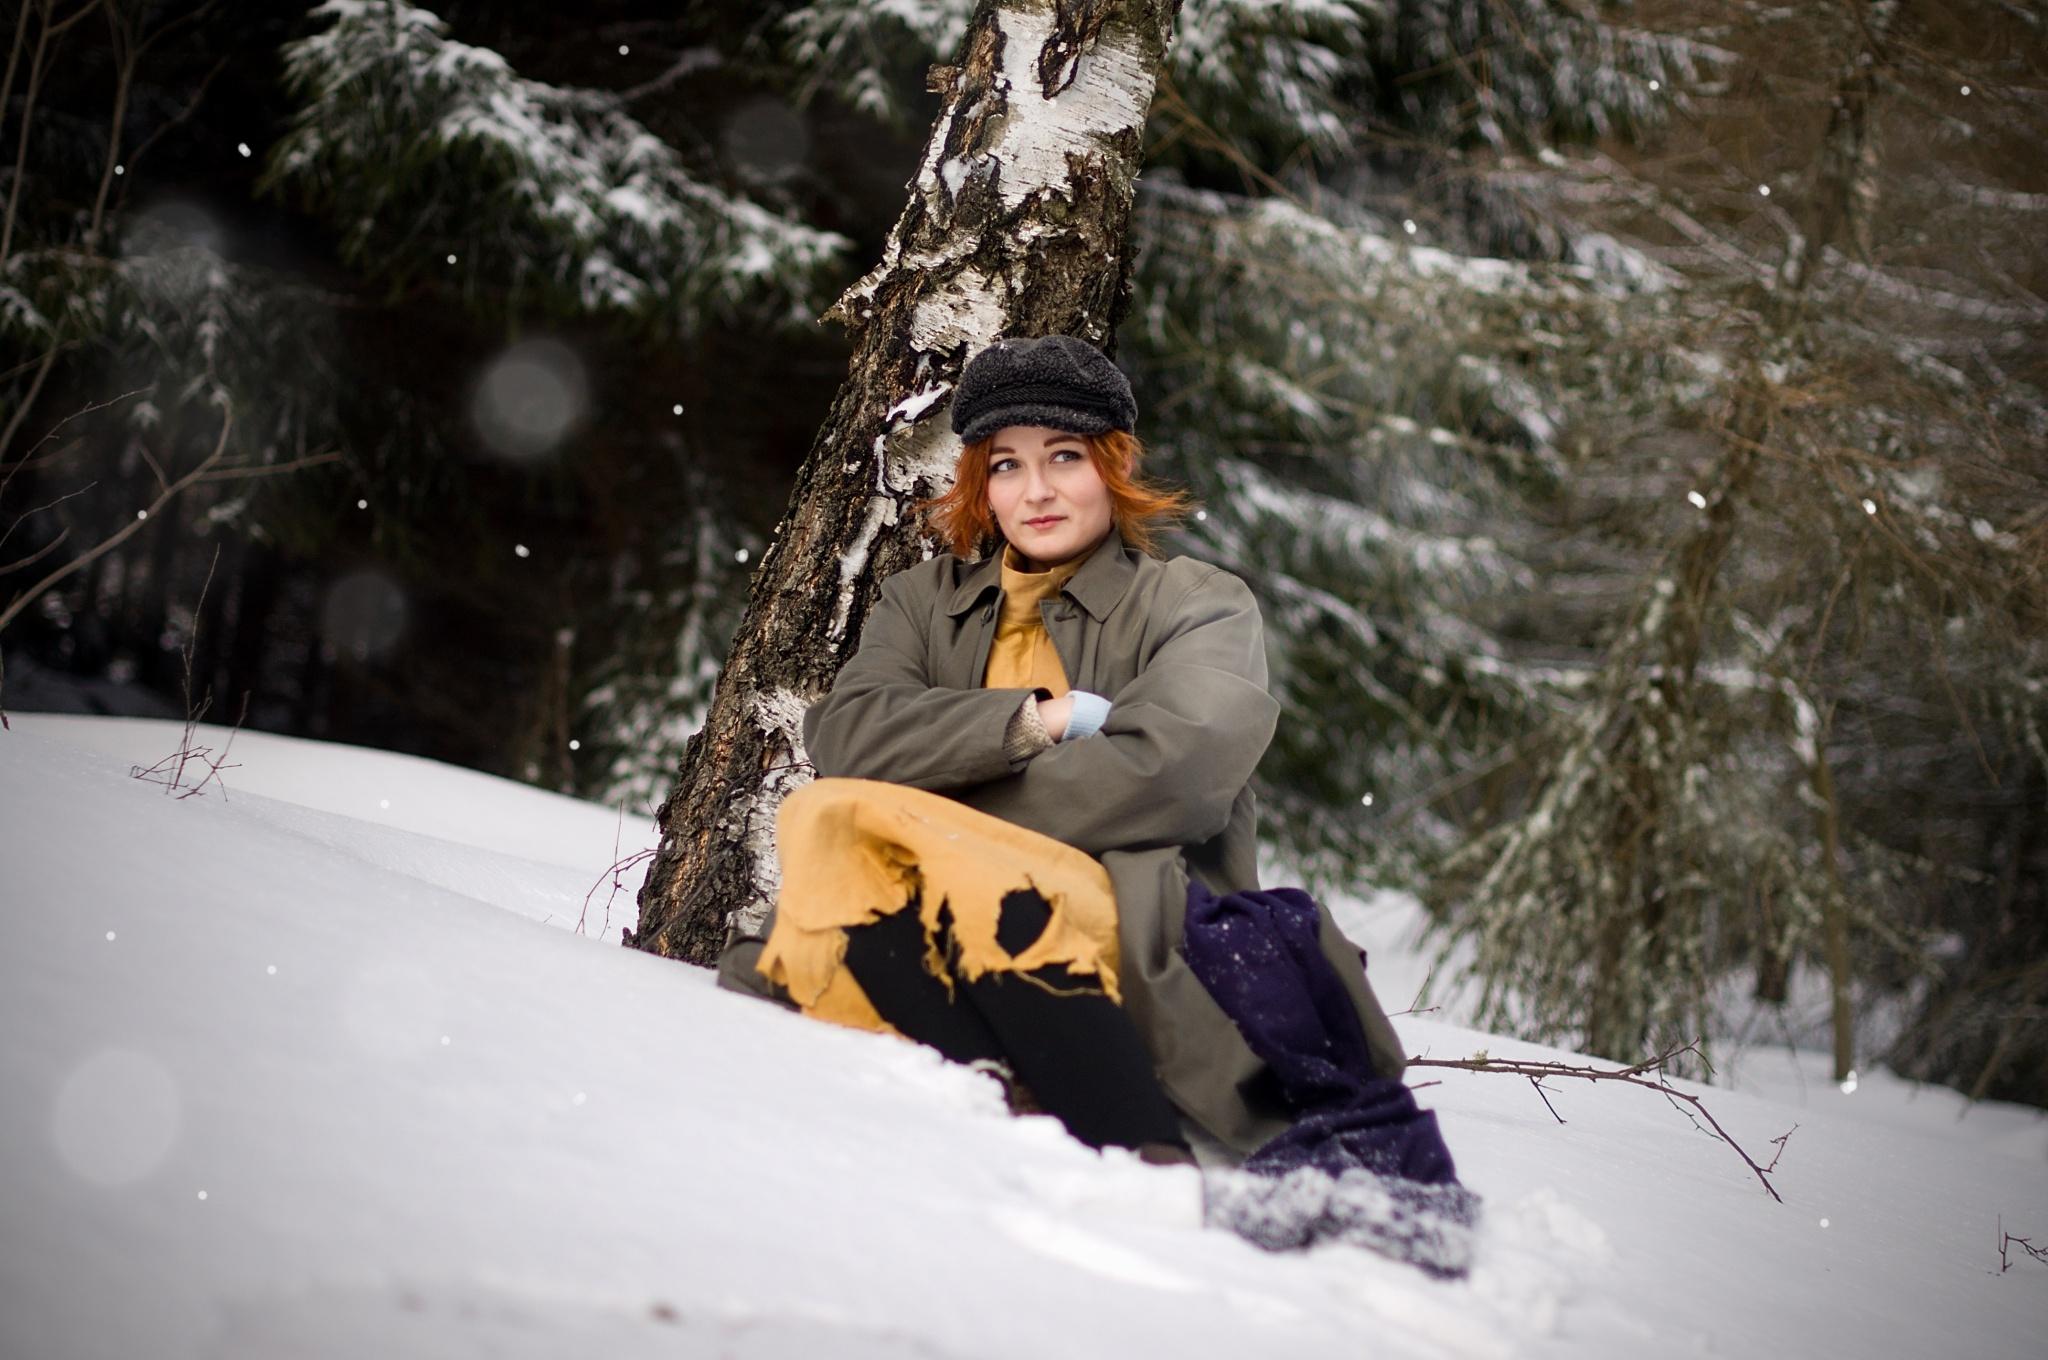 Tipps für Winterfotografie: Lichter der Stadt, Schnee und Silvester